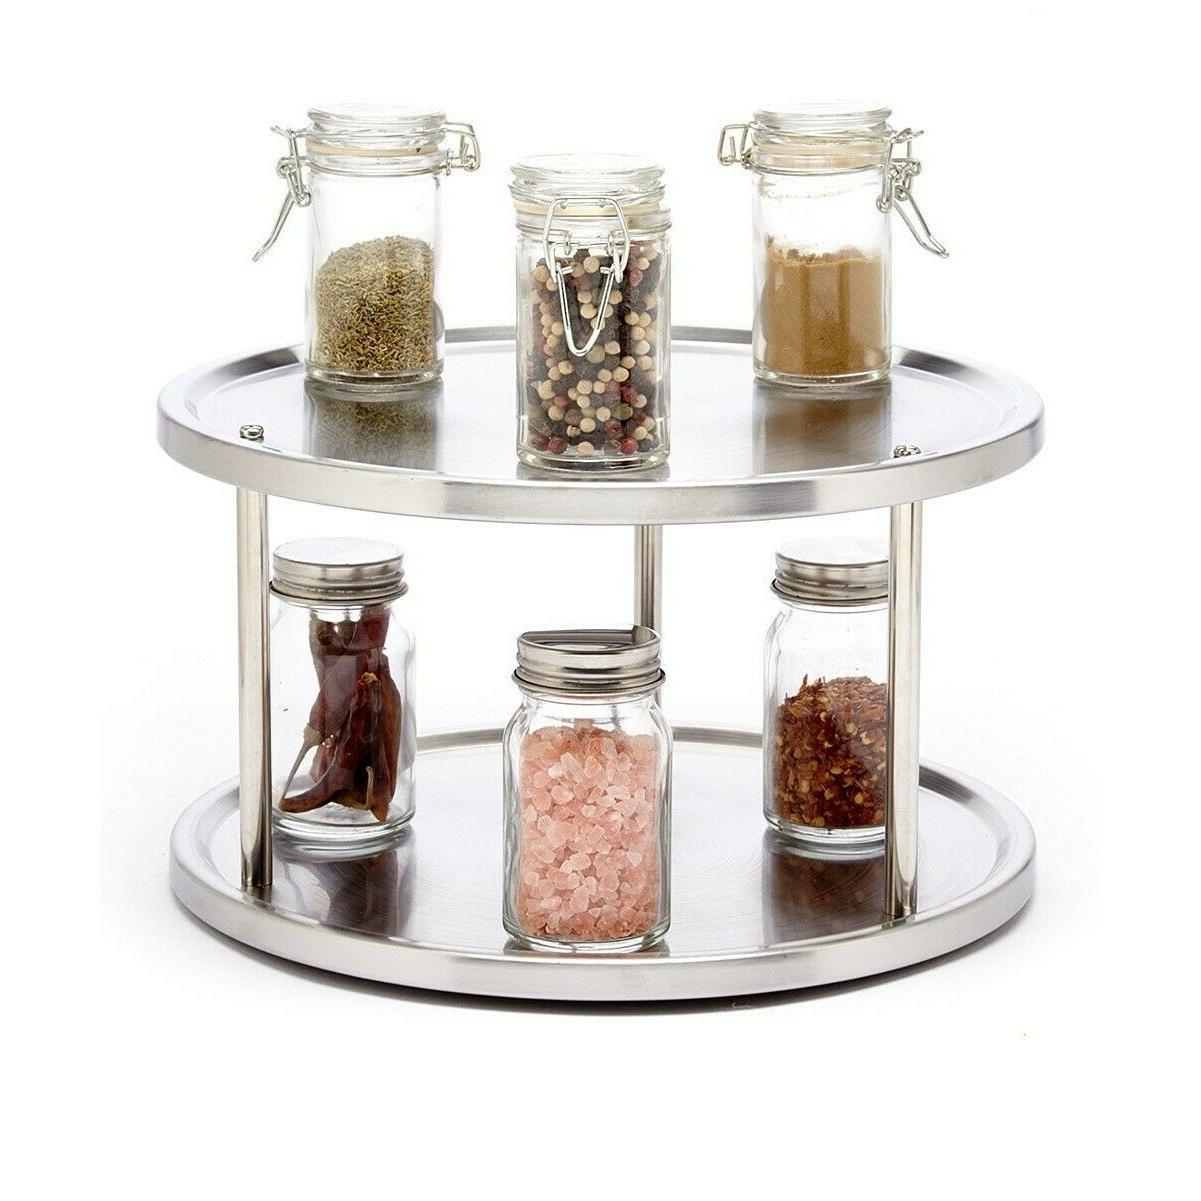 Spice Turntable Rack Kitchen Organizer Storage Round 2 Tier